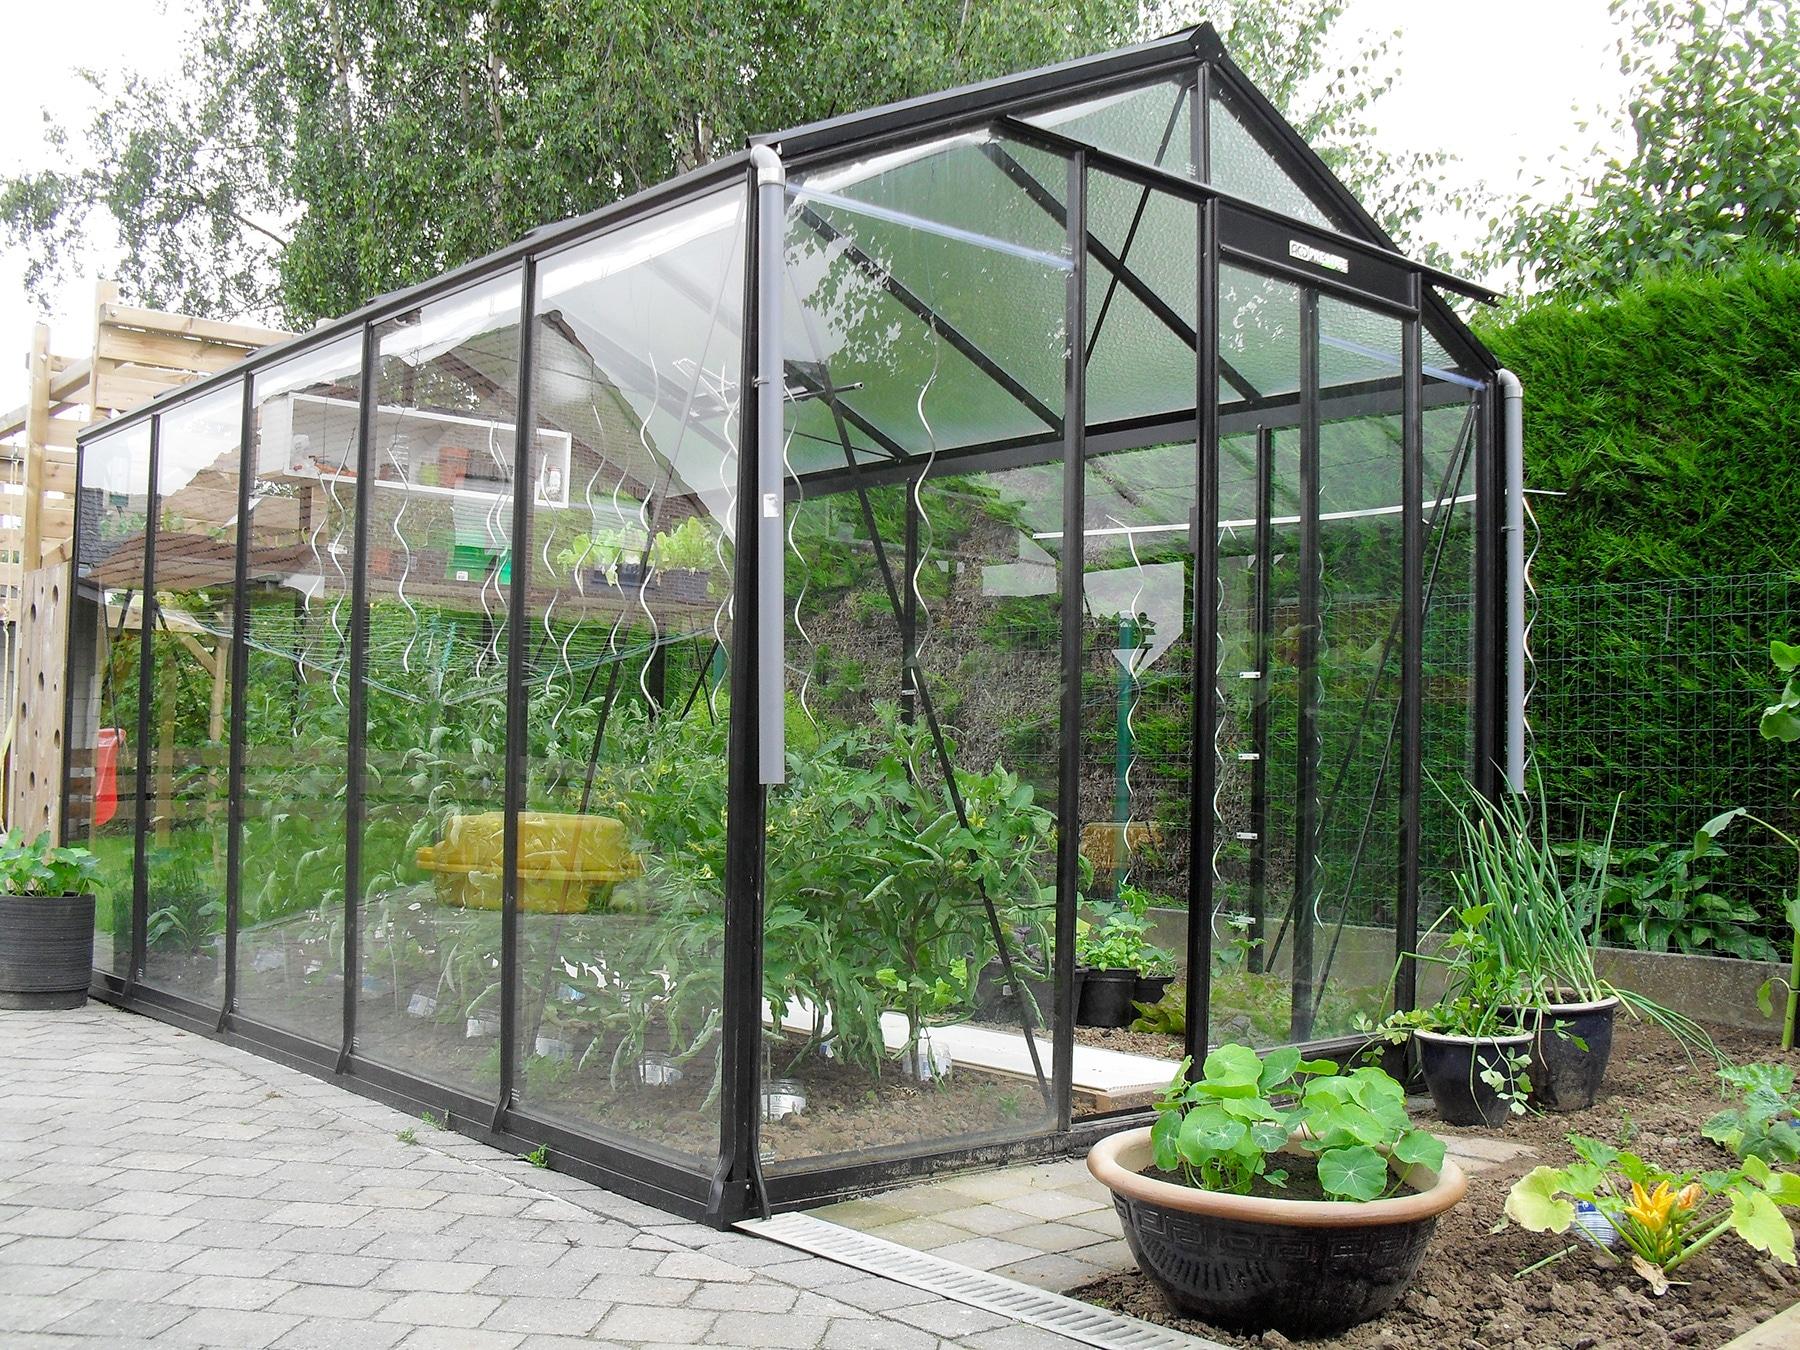 Serre De Jardin - Installation De Serre De Jardin | Paysages ... à Serre De Jardin Fer Forgé